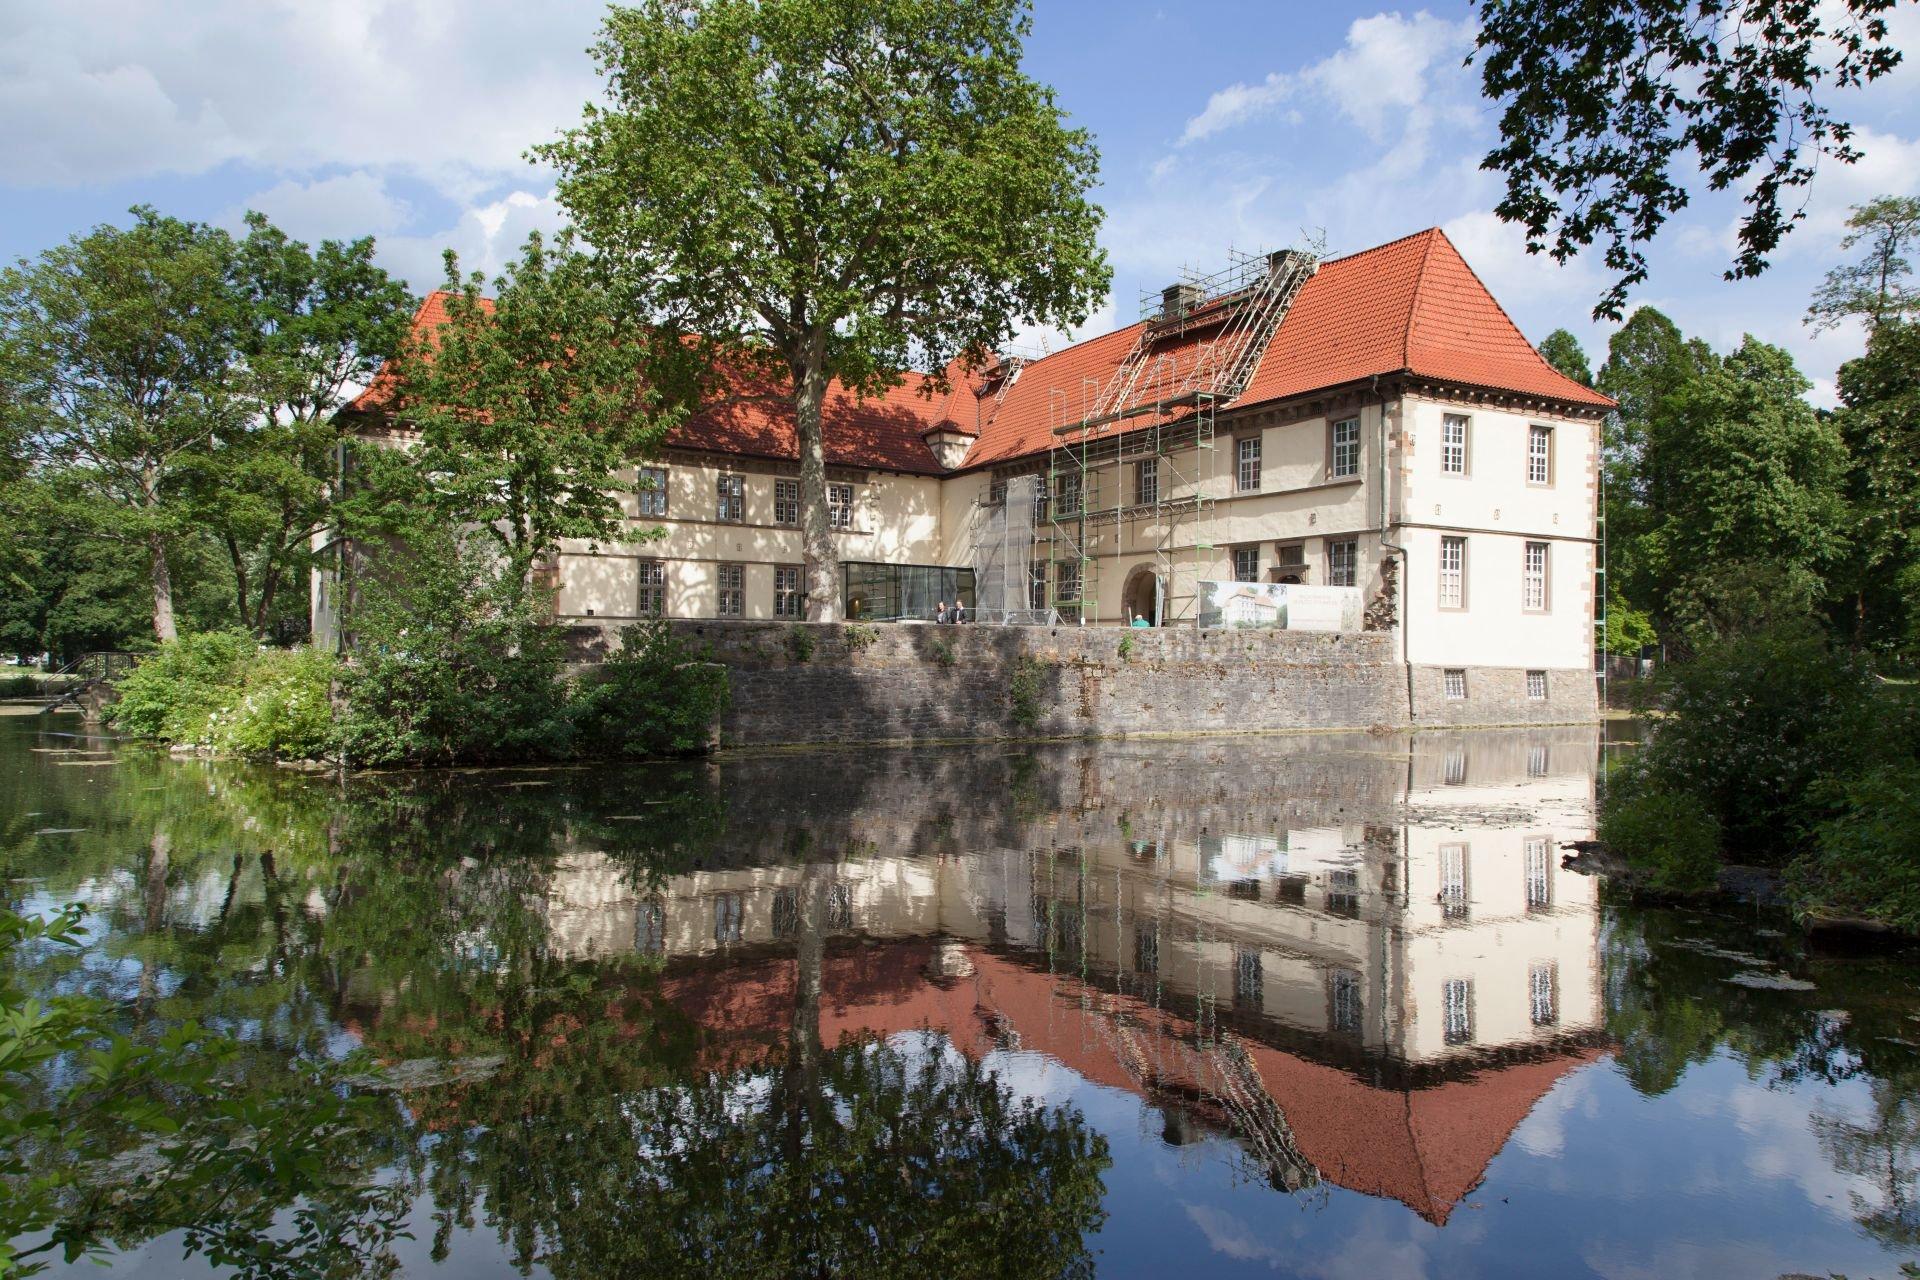 02 Herne-schloss-strünkede-IMG 6219